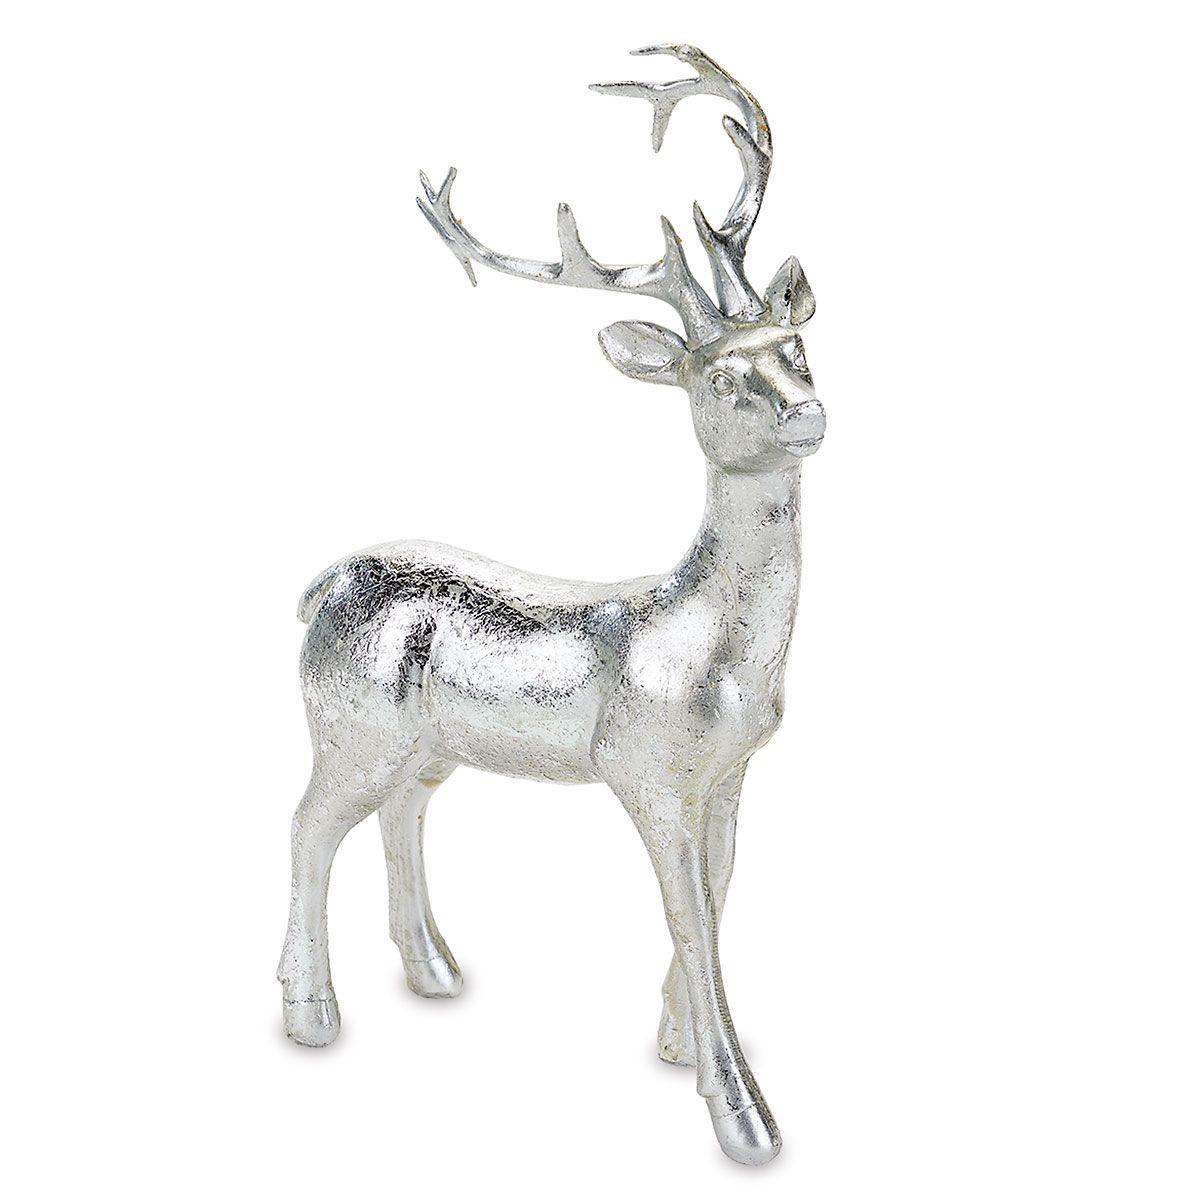 Silver Reindeer Figurines